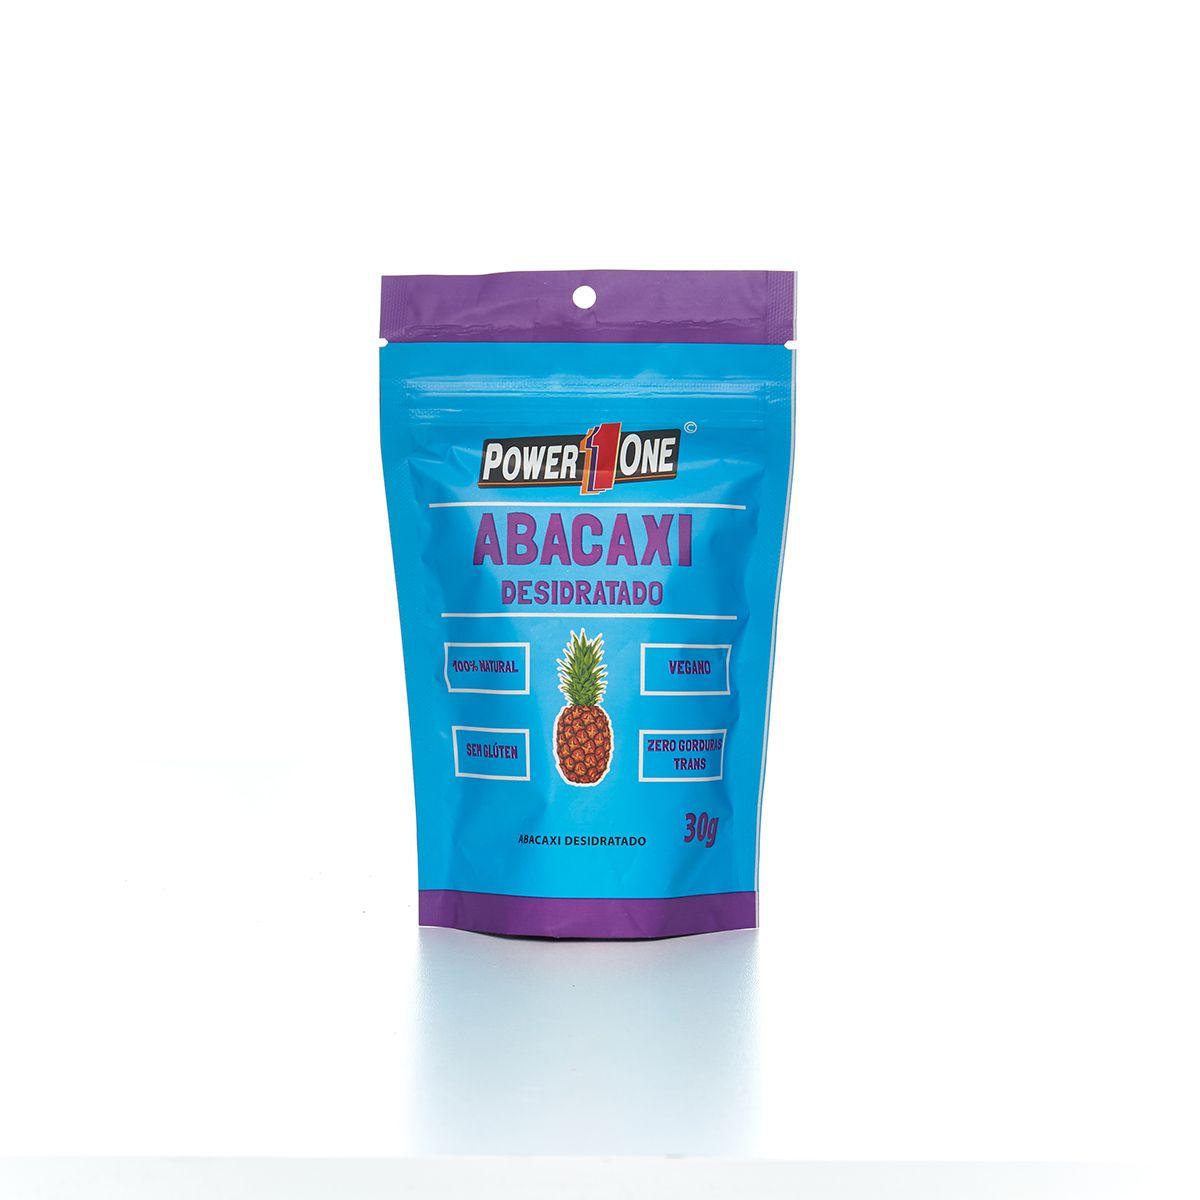 Abacaxi Desidratado (30g) - Power1one